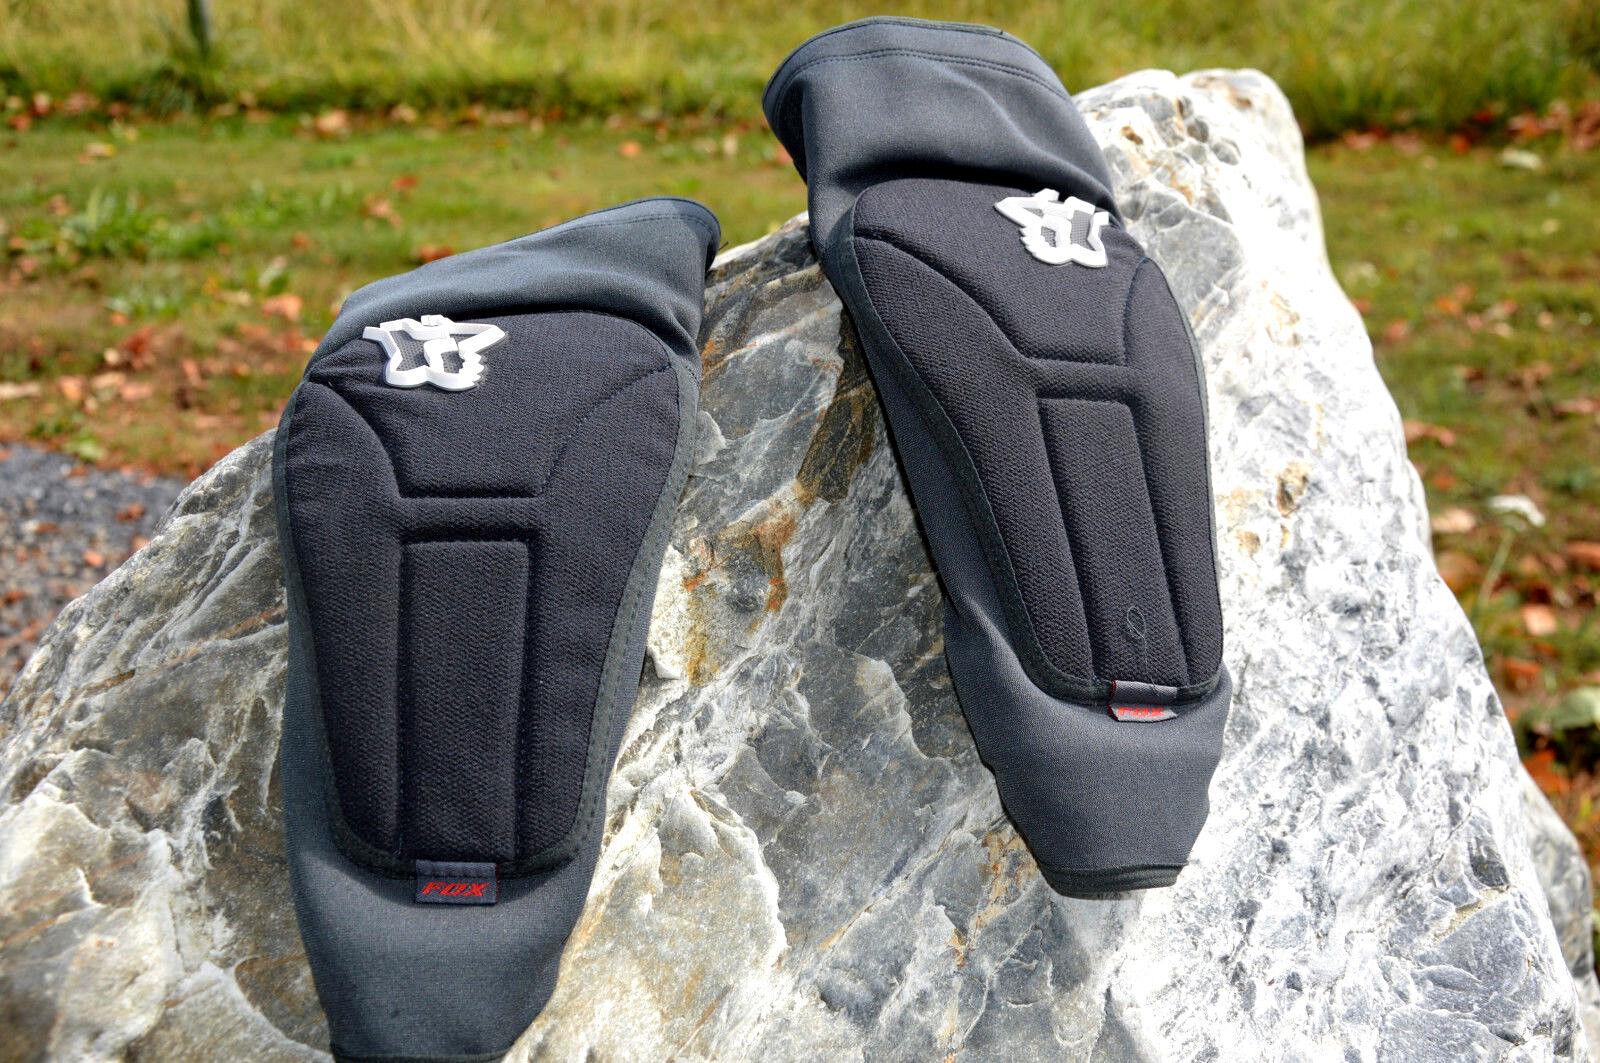 Fox Fox Fox Launch Enduro Elbow Pad MTB Protection coude de veille protecteur Gris Noir 700efc